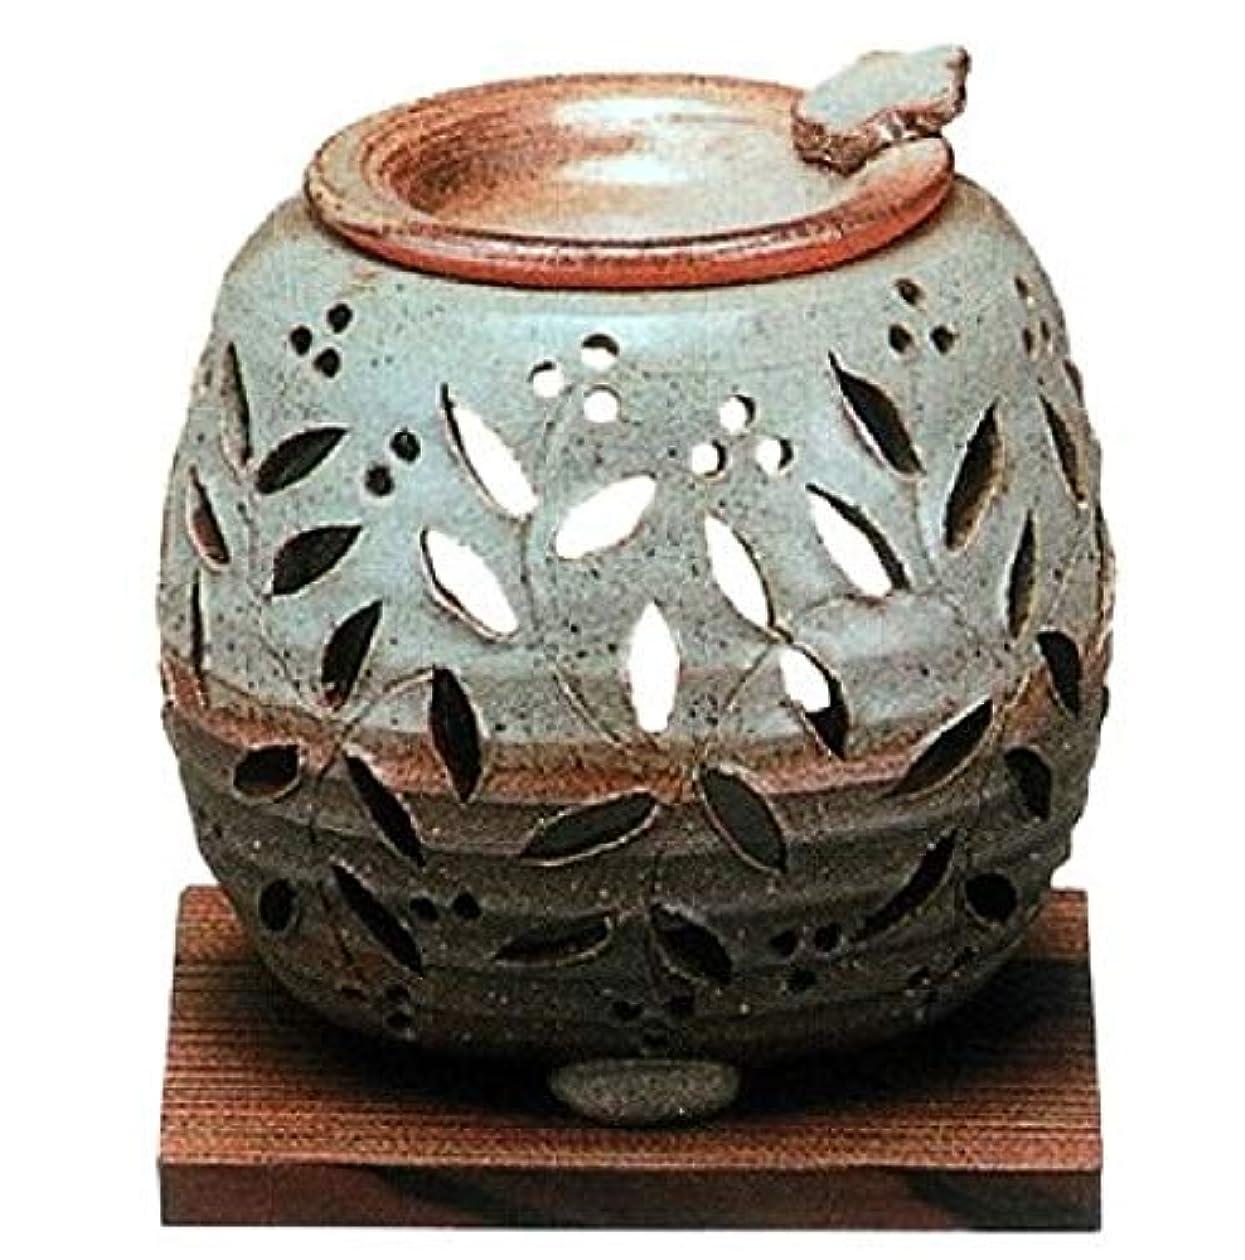 とクリーク排除常滑焼 3-829 石龍緑灰釉花透かし彫り茶香炉 石龍φ11×H11㎝